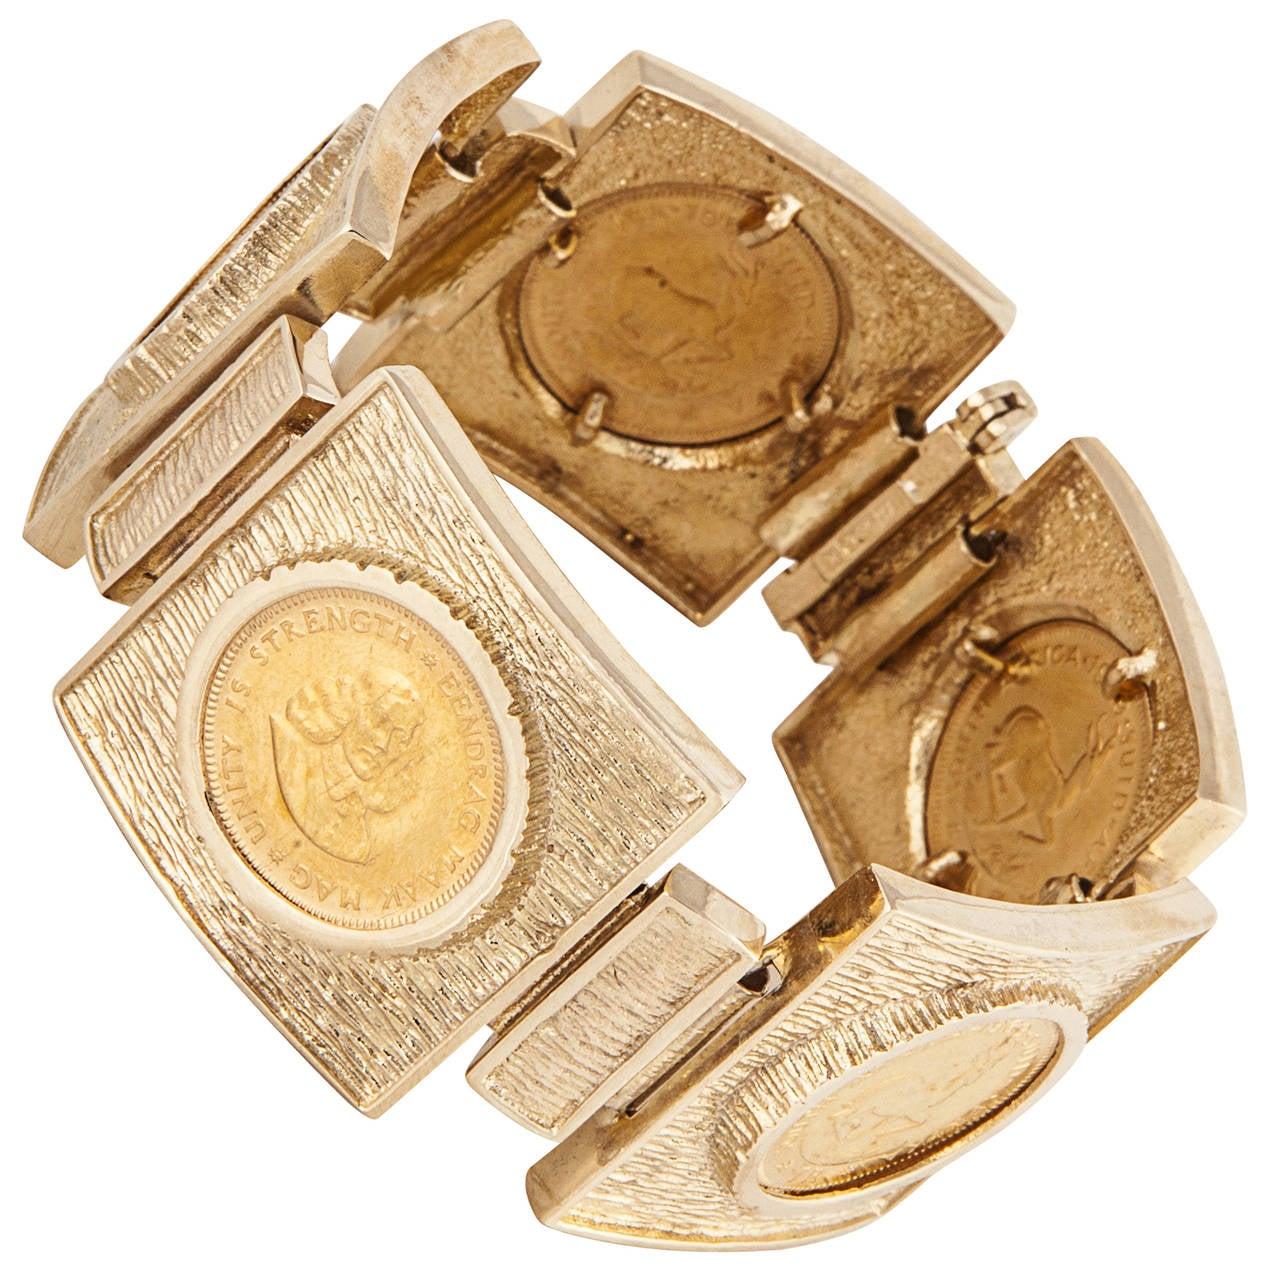 Gold Coin Bracelet With Krugerrands For